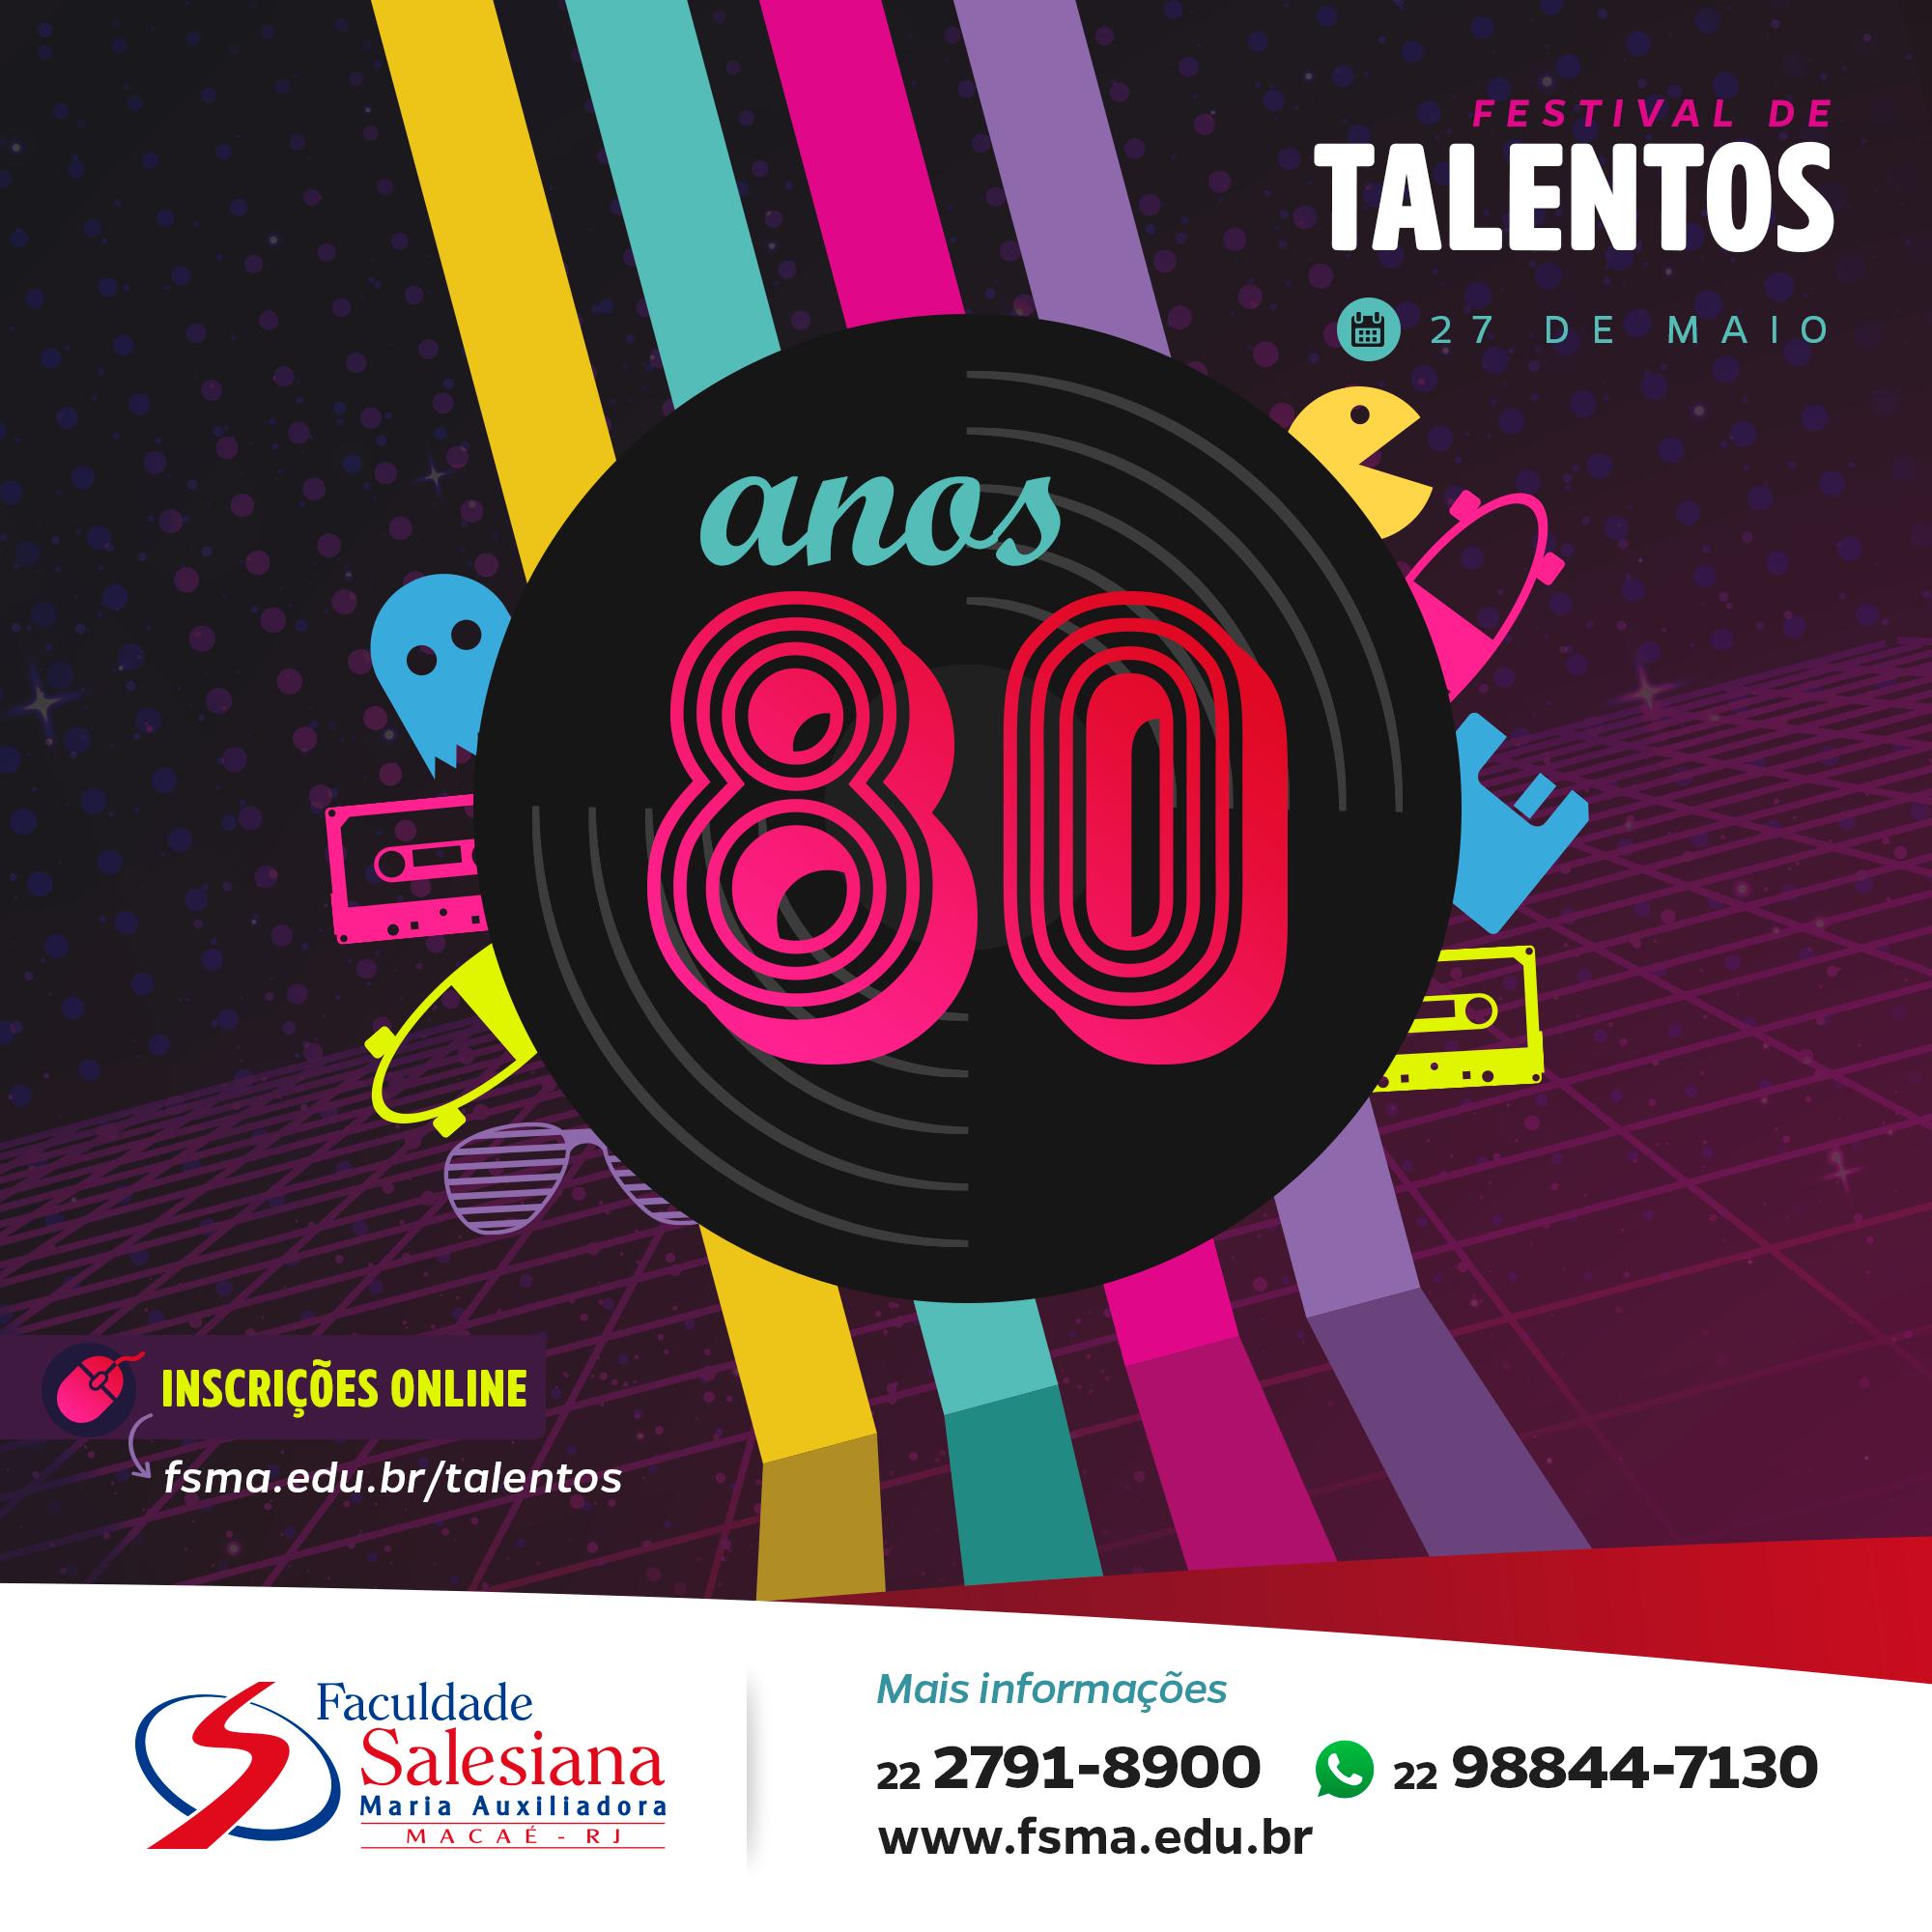 Inscrições para o Festival de Talentos seguem até o dia 18